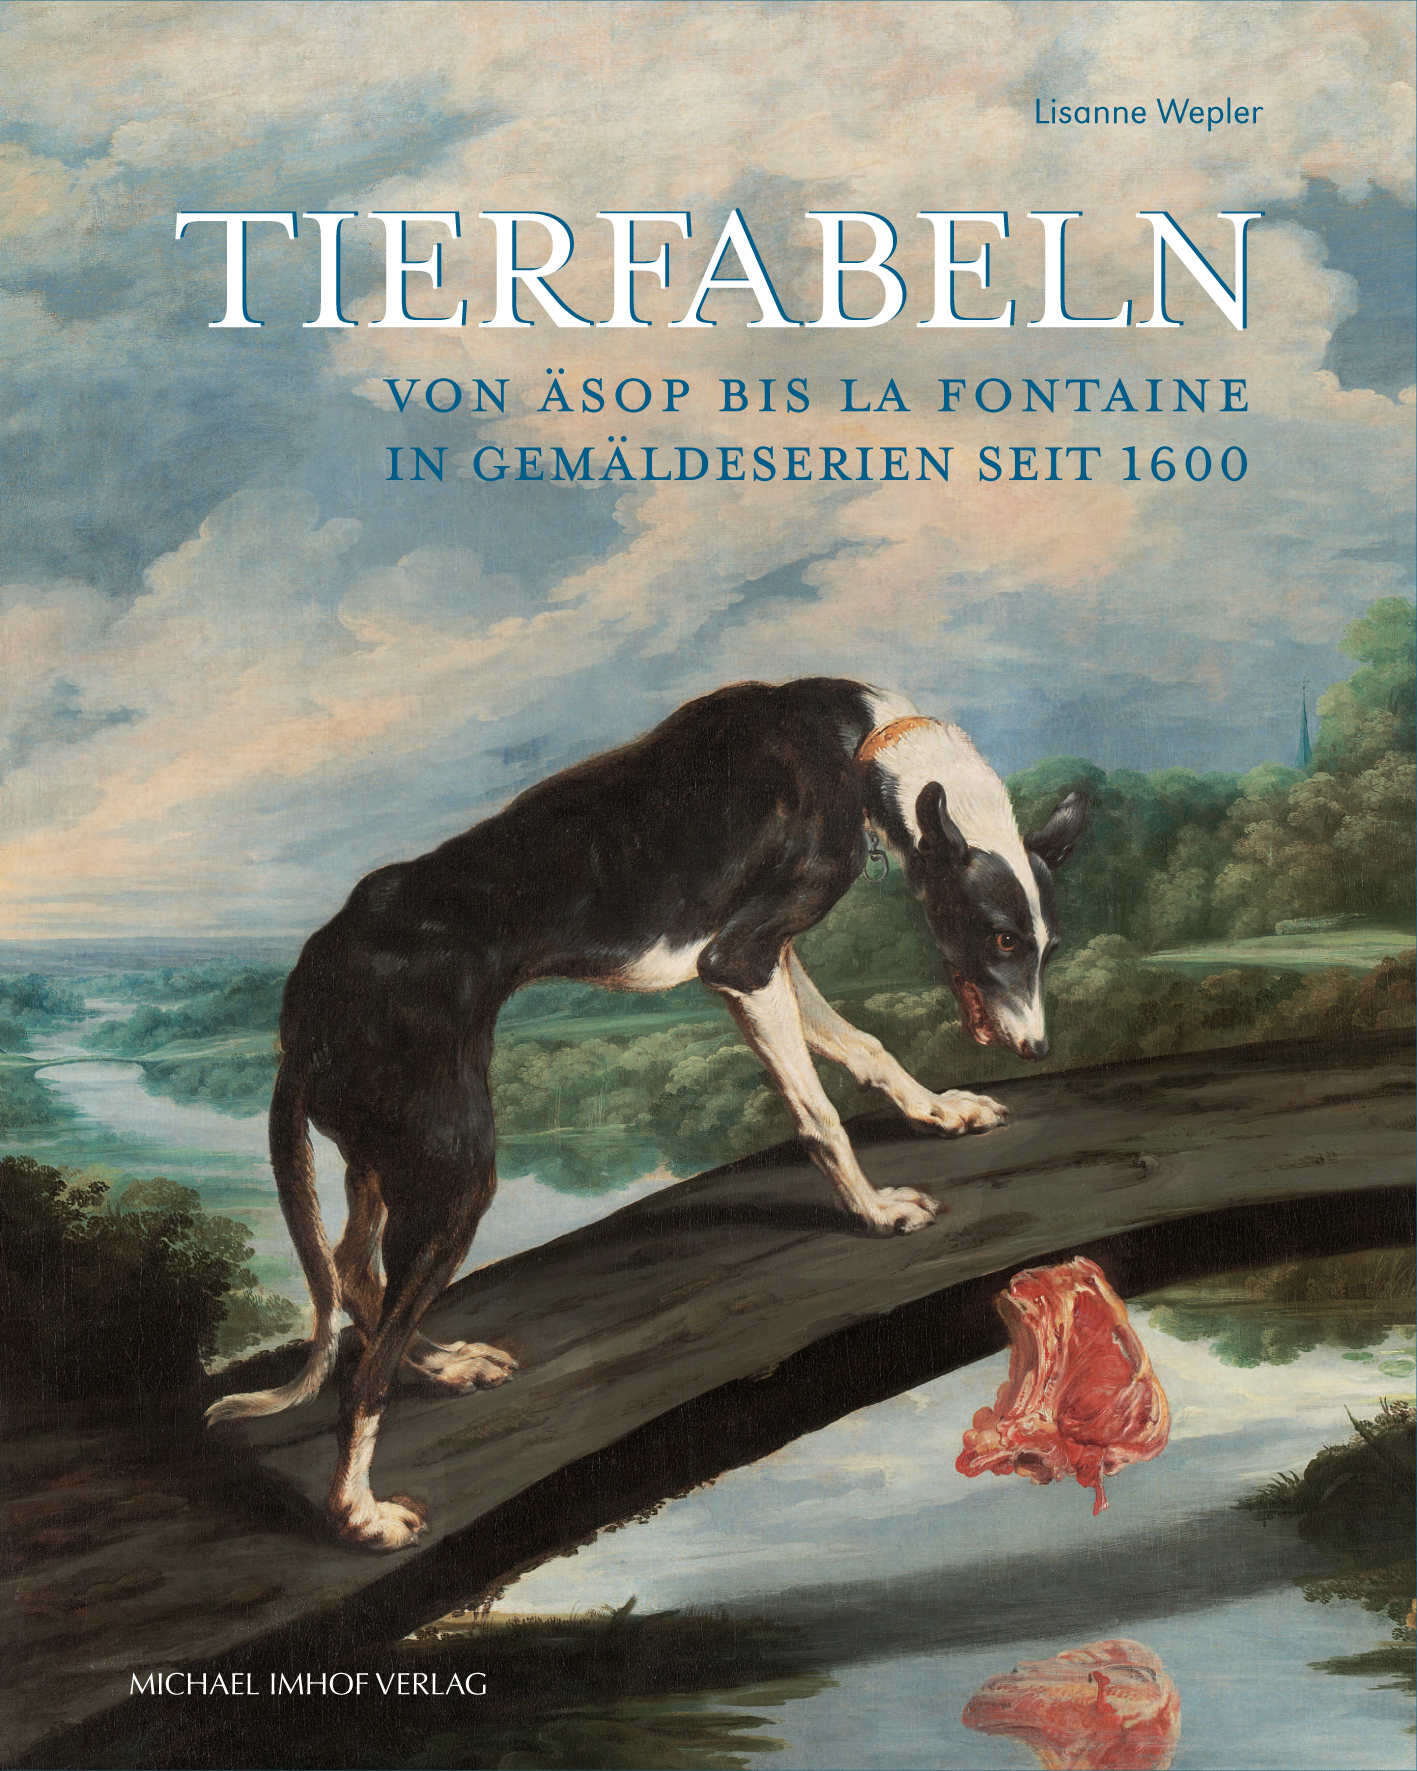 Tierfabeln Titelbild